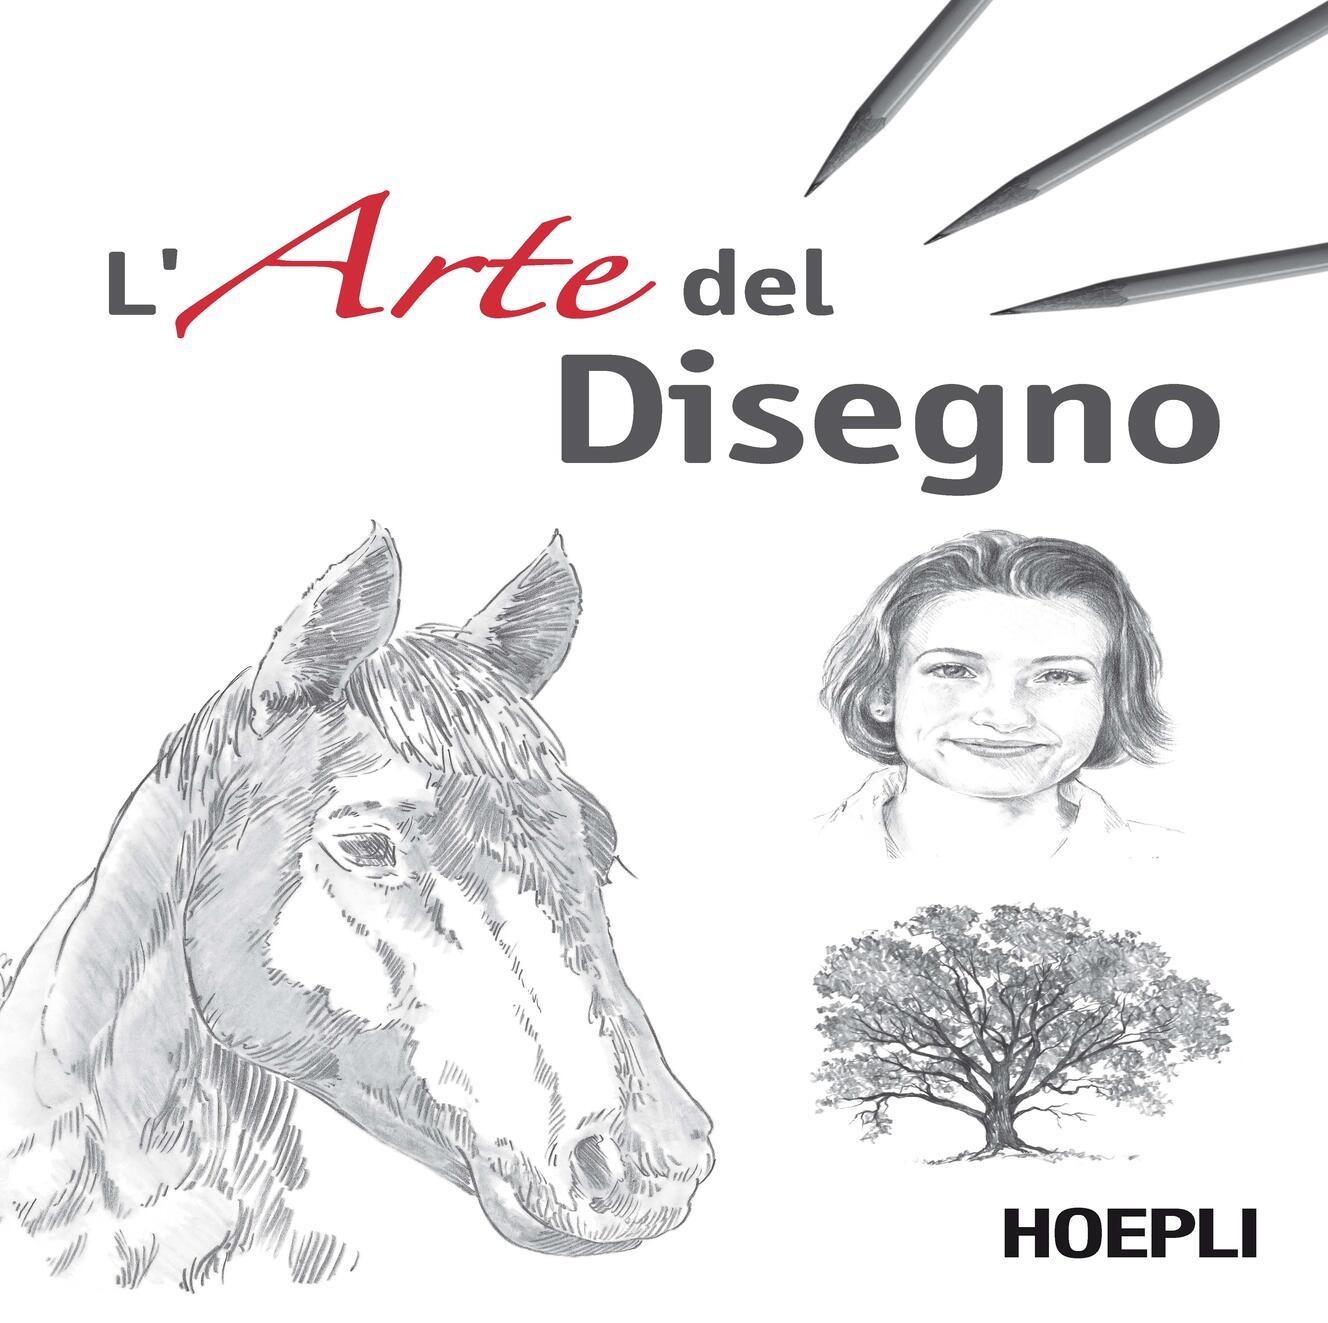 l u0026 39  arte del disegno - c  grimaldi - libro - hoepli